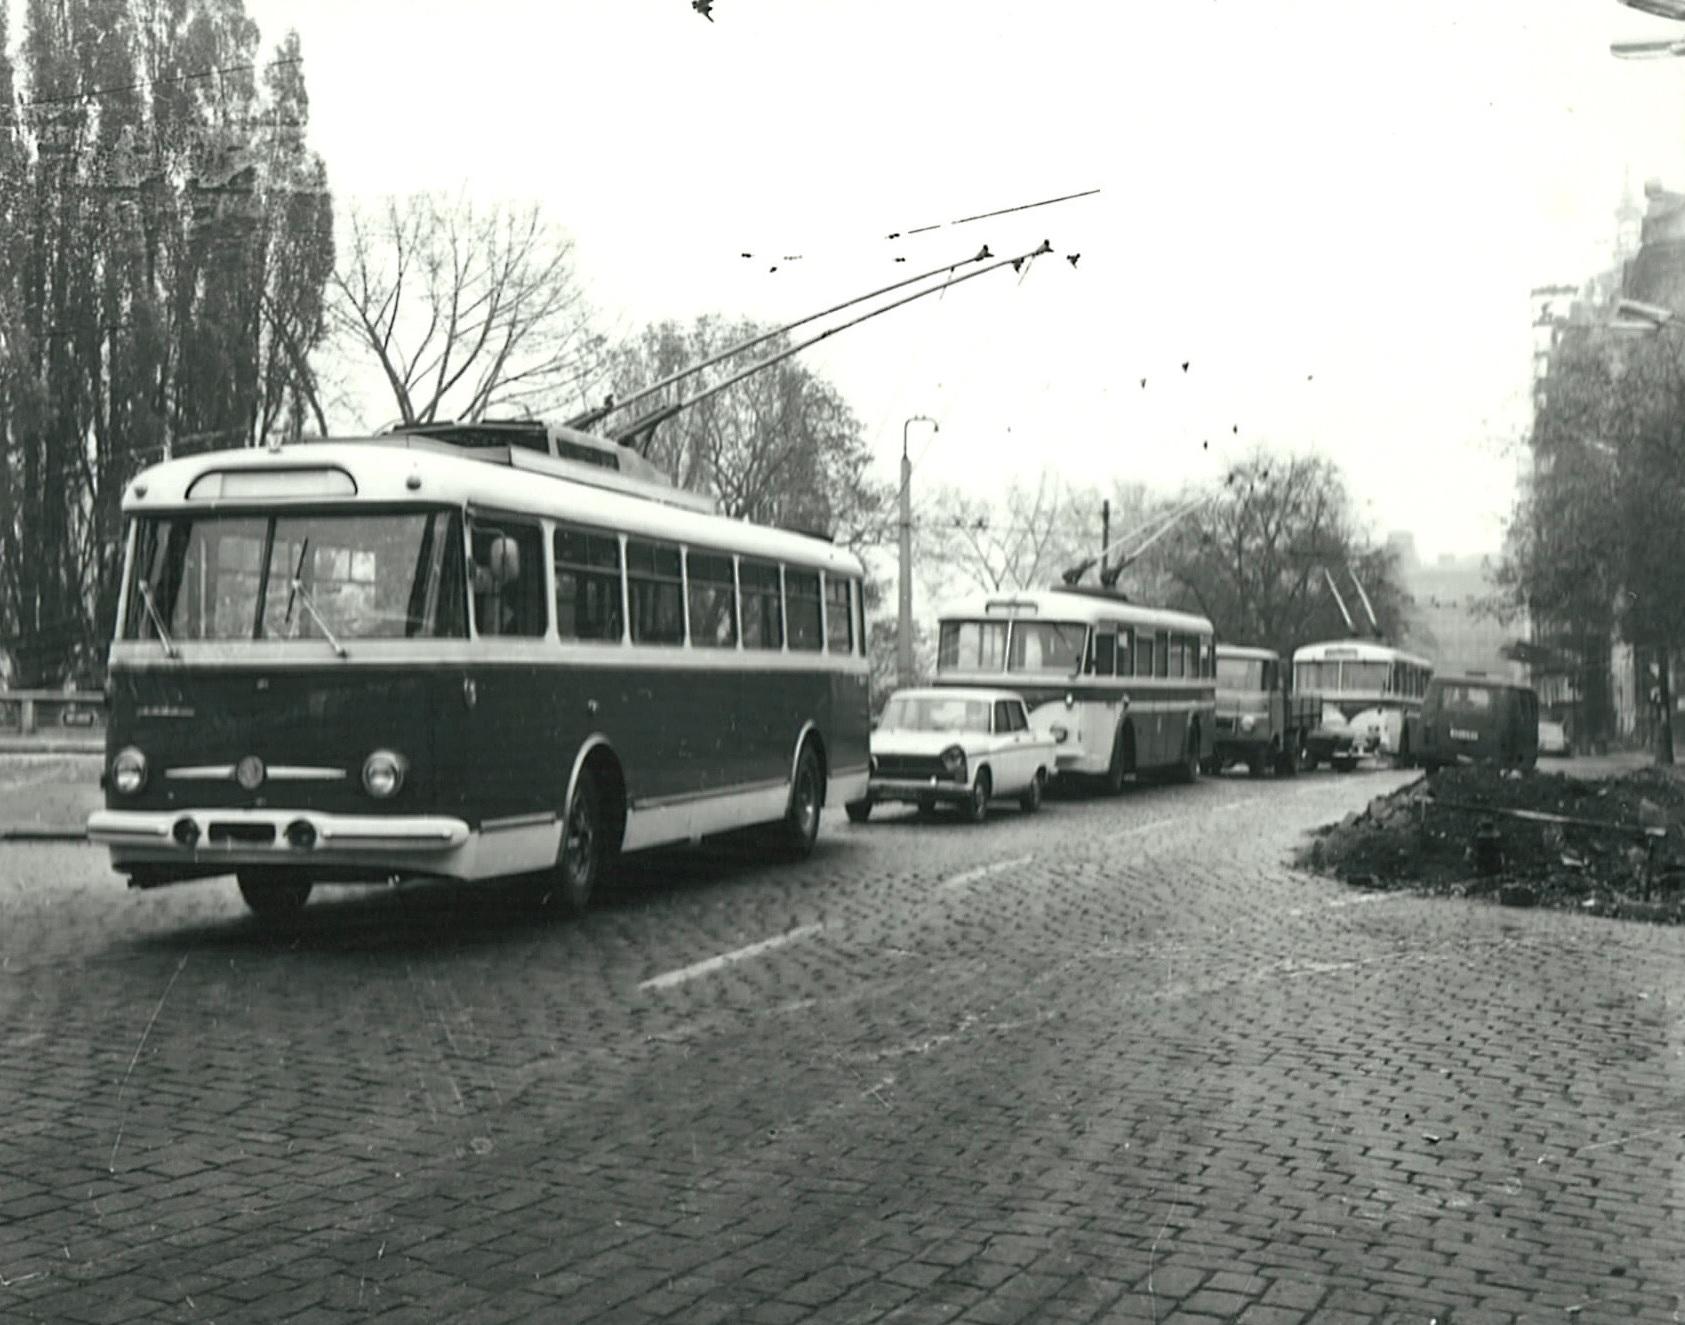 Testování vozu Škoda 9 Tr v Praze bylo bohatě fotograficky zdokumentováno. Na snímku je vůz zachycen ve společnosti dvojice vozů Škoda 8 Tr, které byly do Prahy dodány v roce 1960. (foto: Škoda Ostrov)